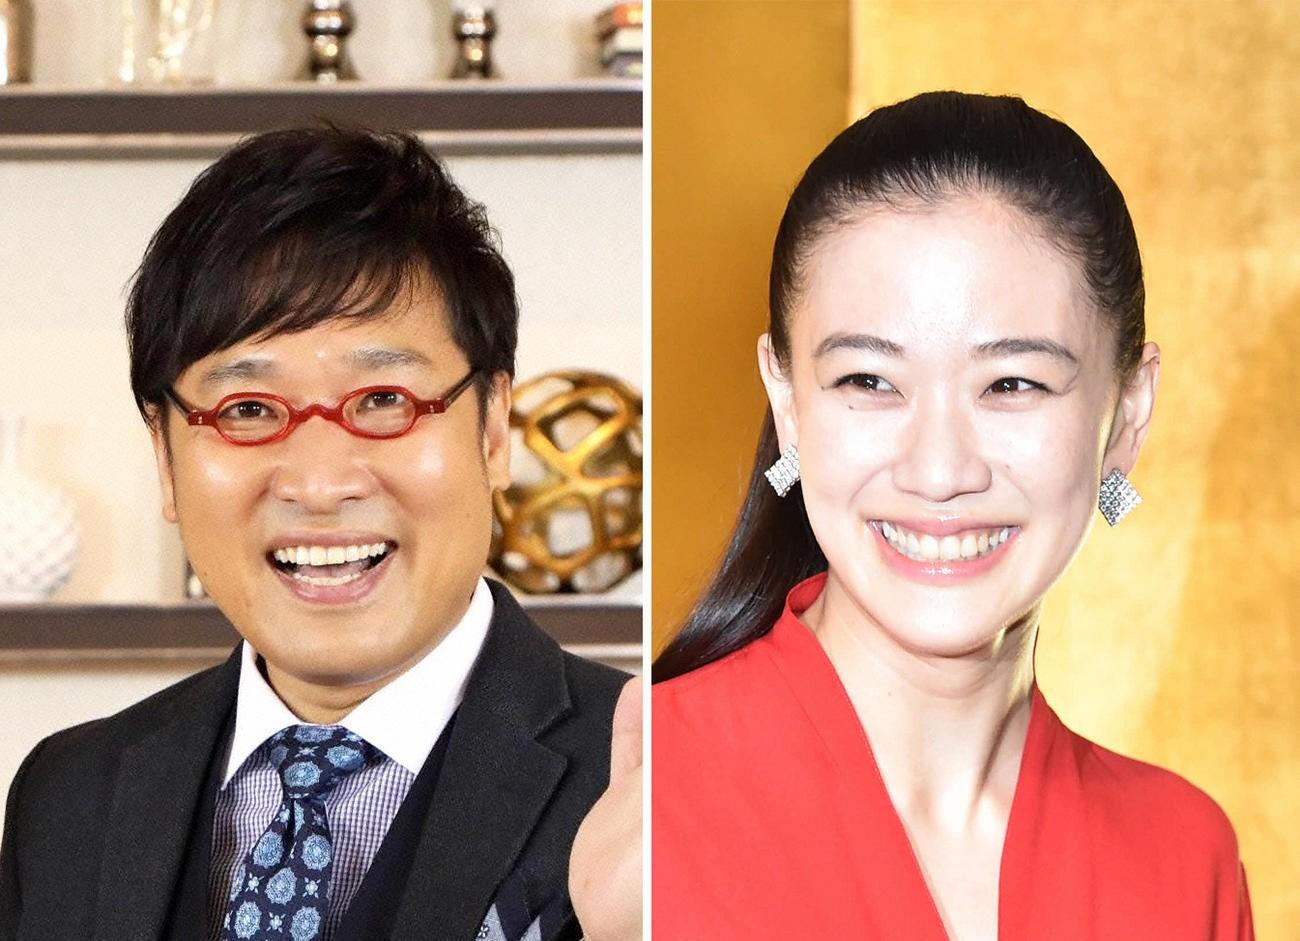 山里亮太と蒼井優はデキ婚?馴れ初めや結婚を予告していた匂わせとは?